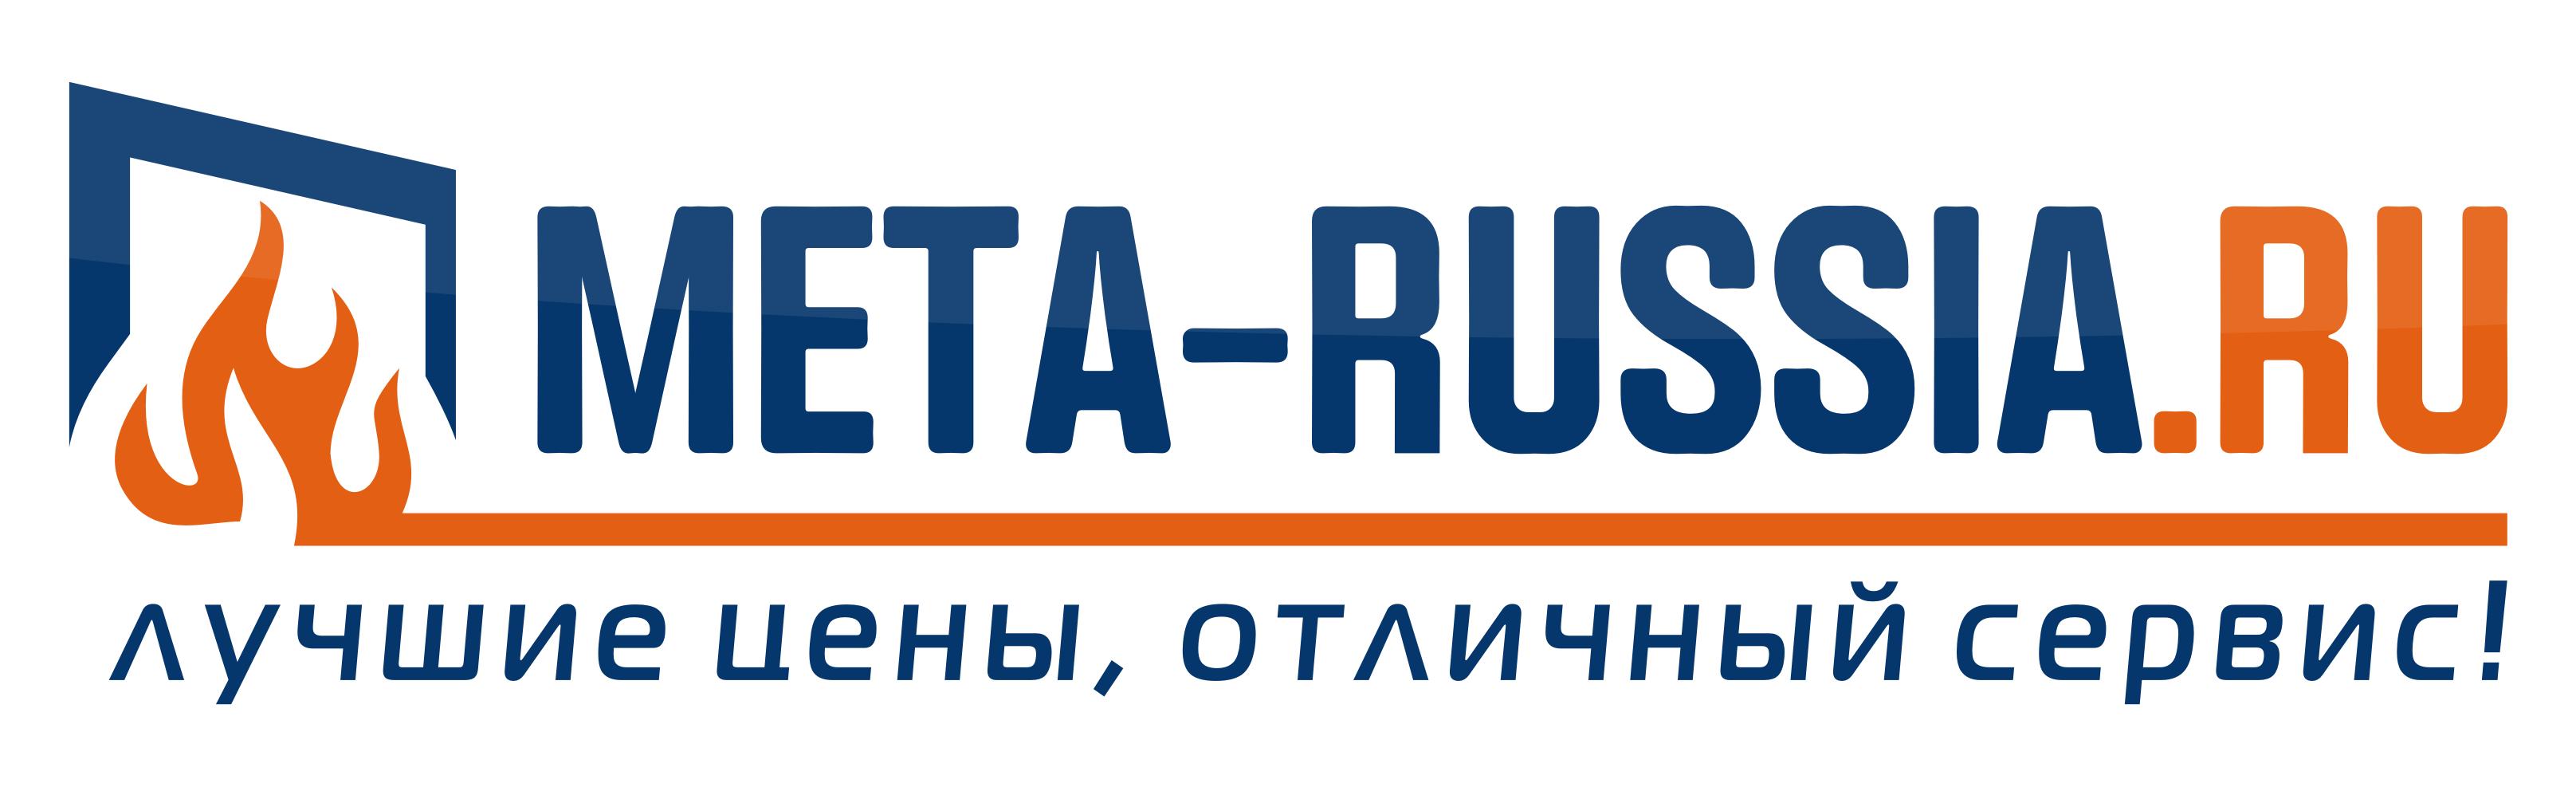 Интернет магазин Мета Россия